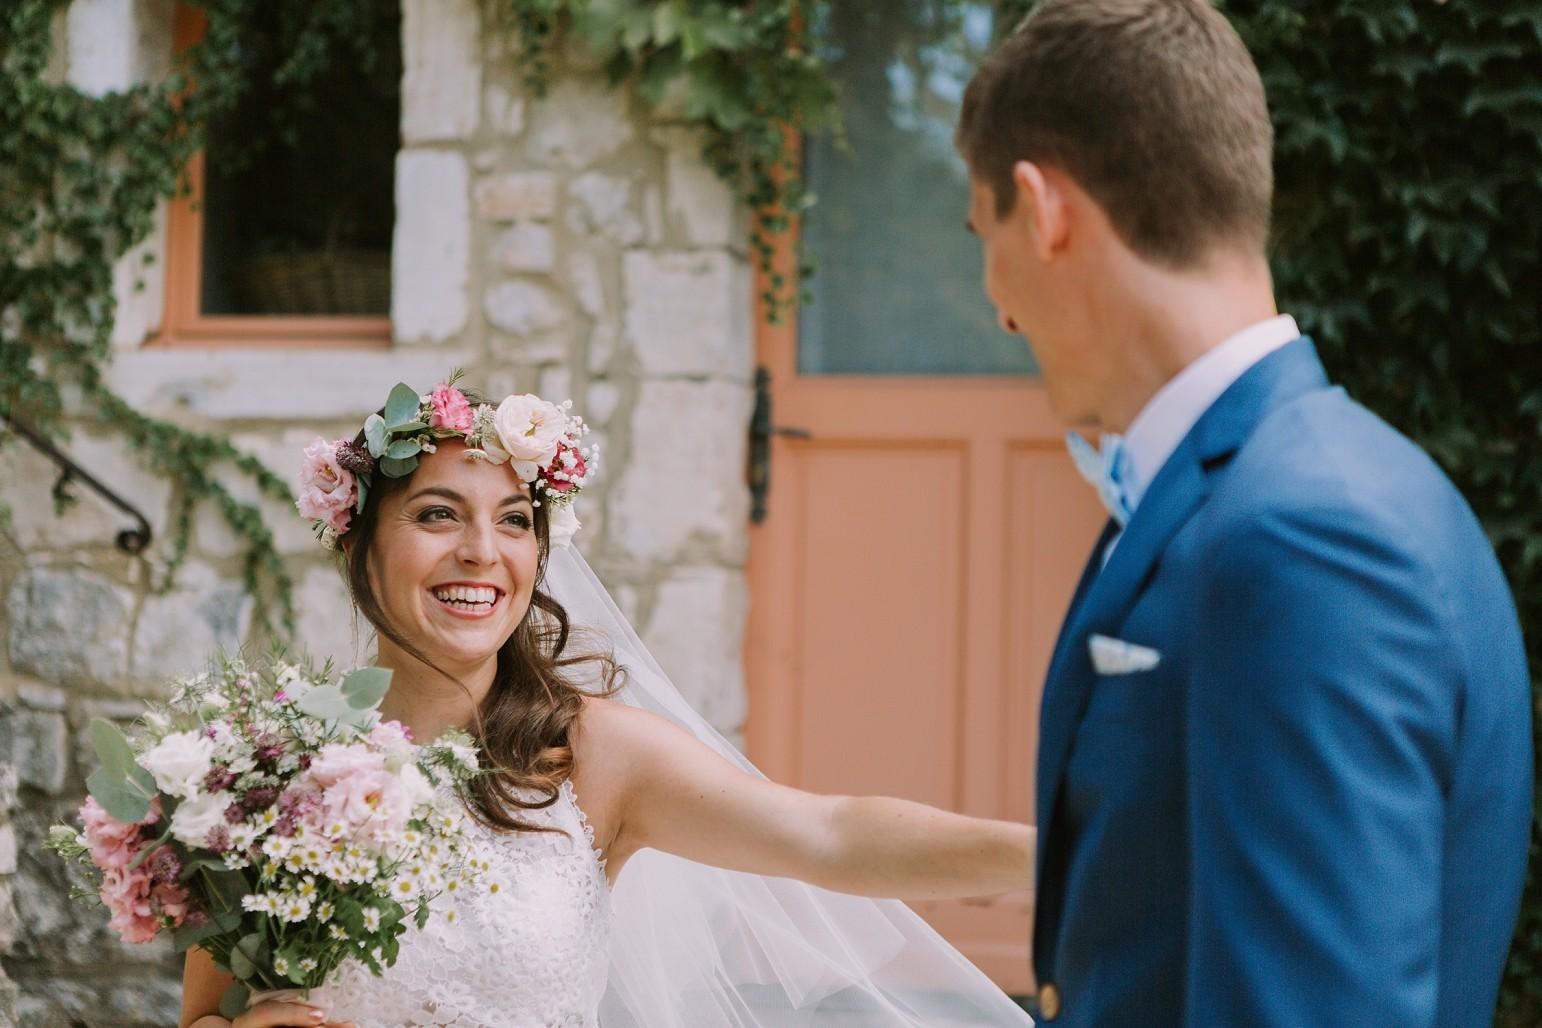 kateryna-photos-mariage-wedding-france-ardeche-domaine-clos-hullias-Saint-Christol-de-Rodière-gard-cevennes_0144.jpg